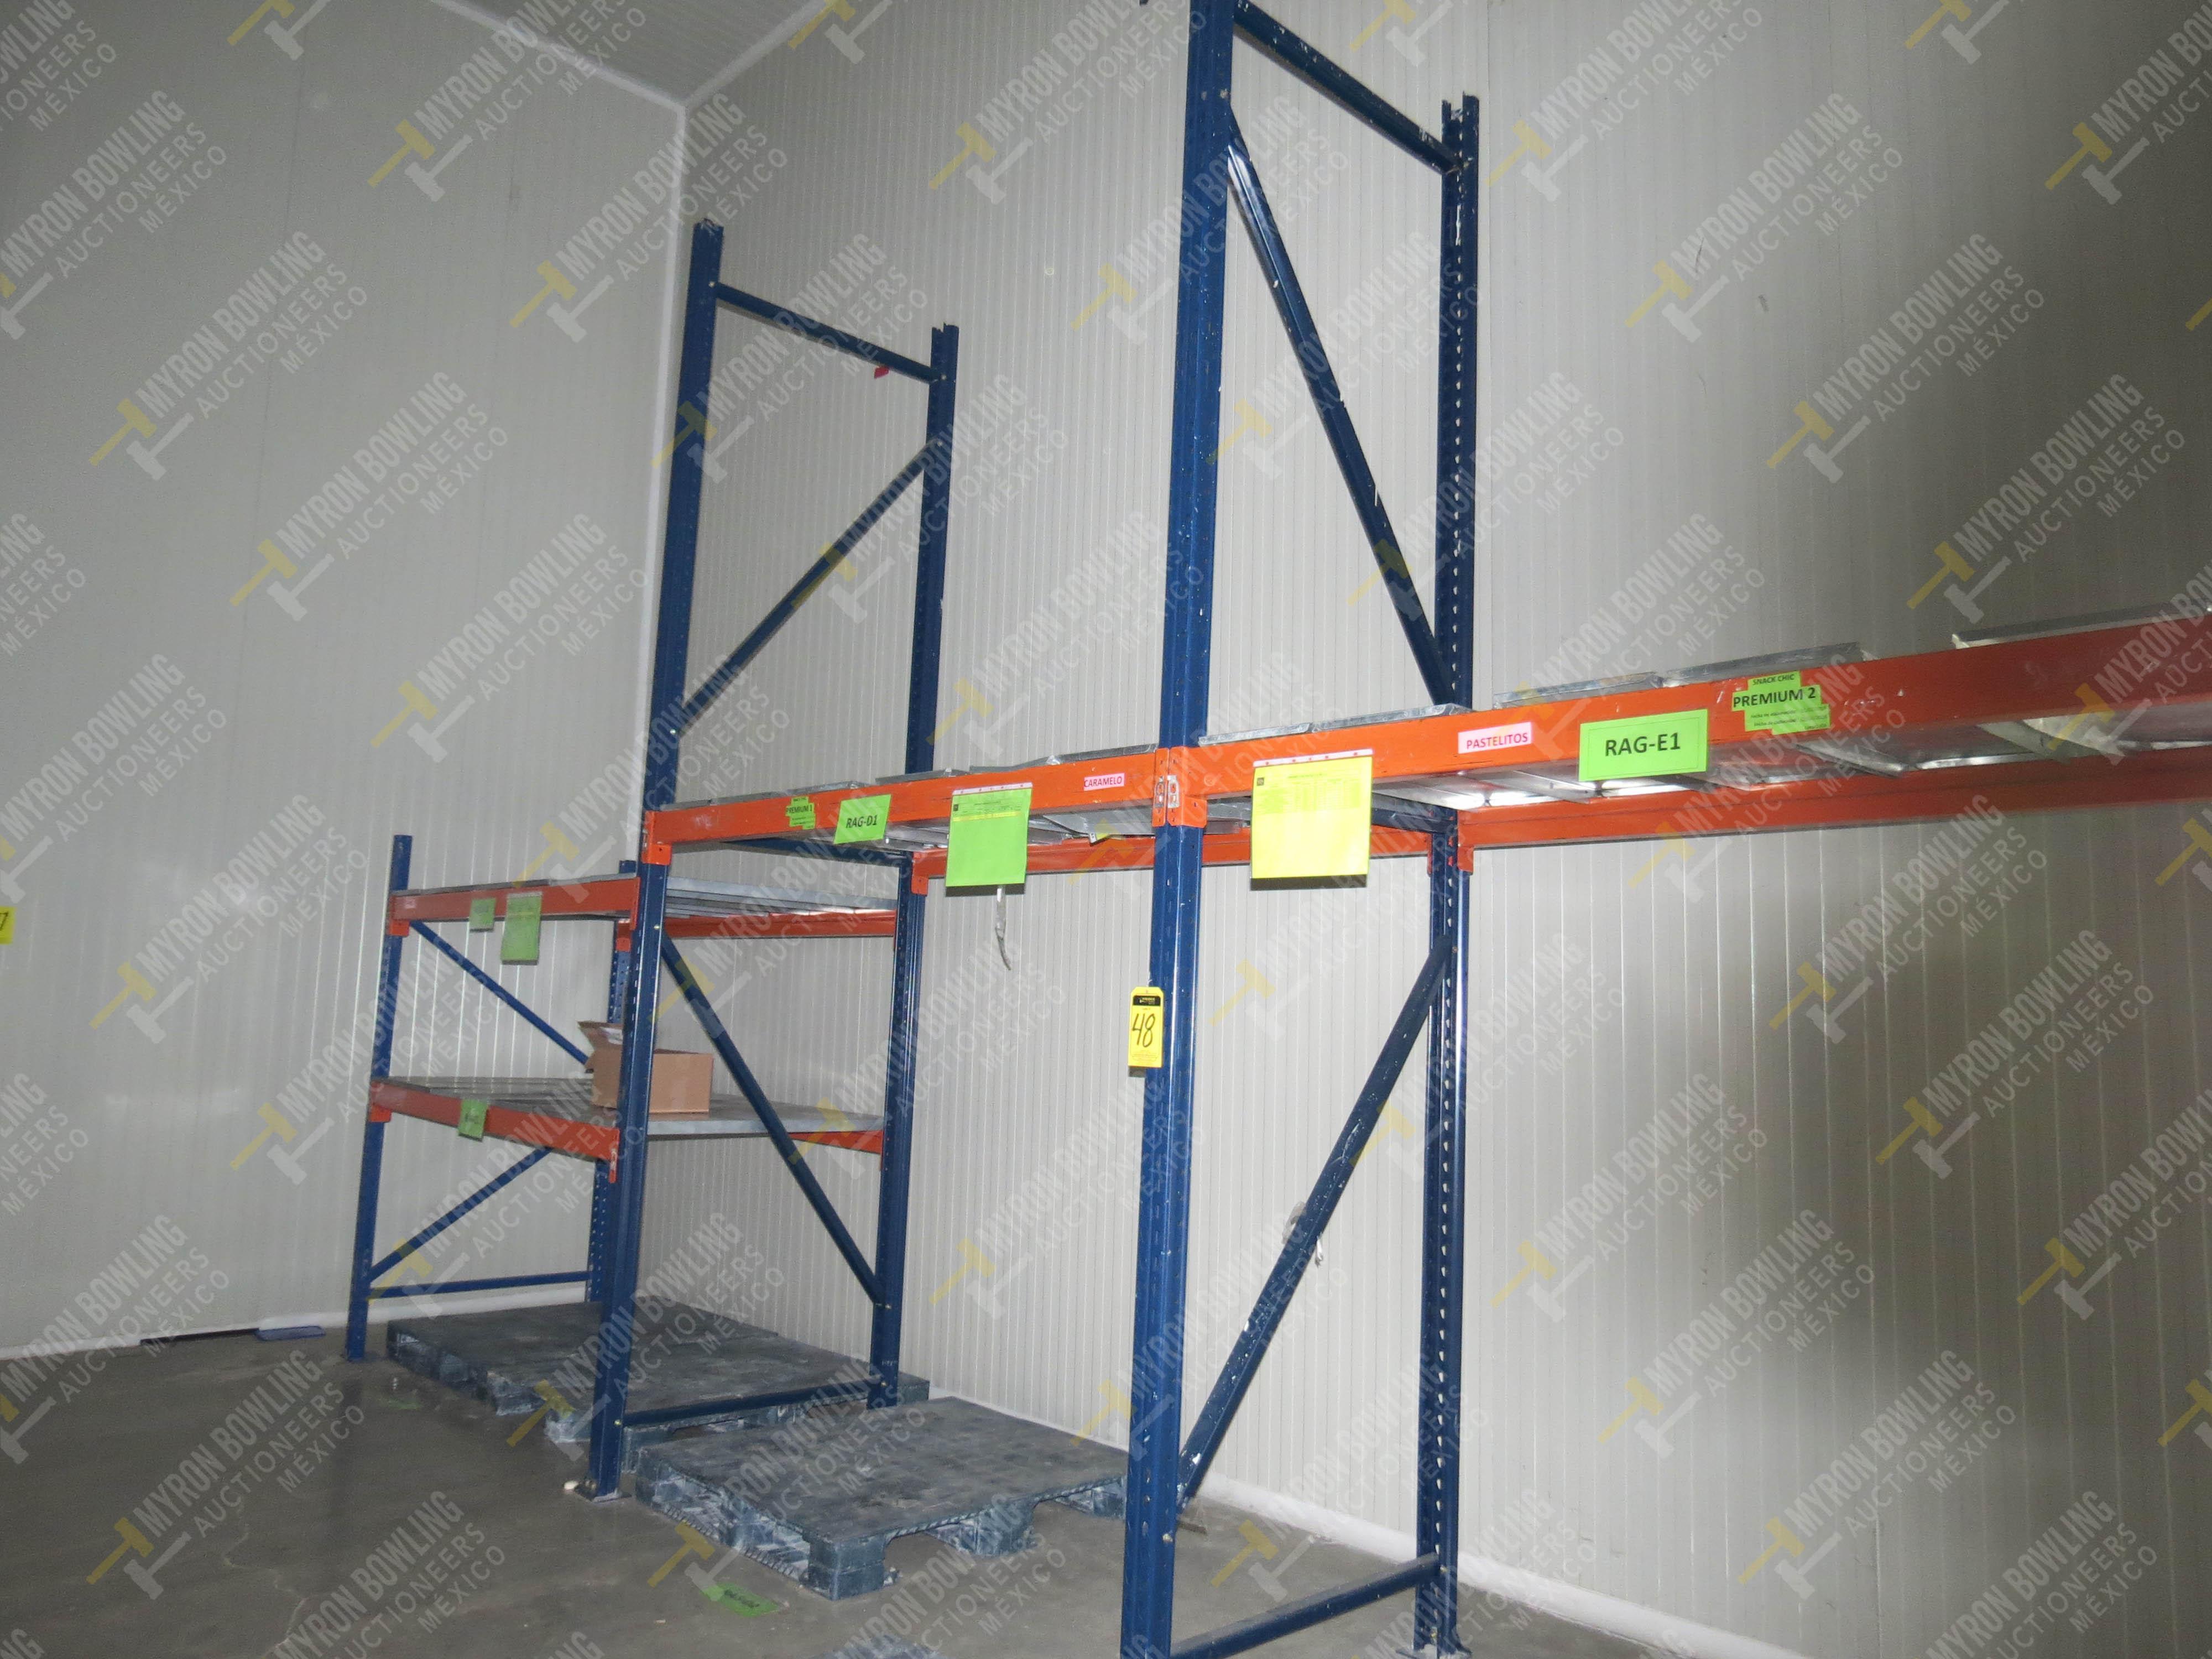 Rack de carga de 9 postes de 1.07 x 4 con 20 travesaños de 2.20 m, se incluye un poste …